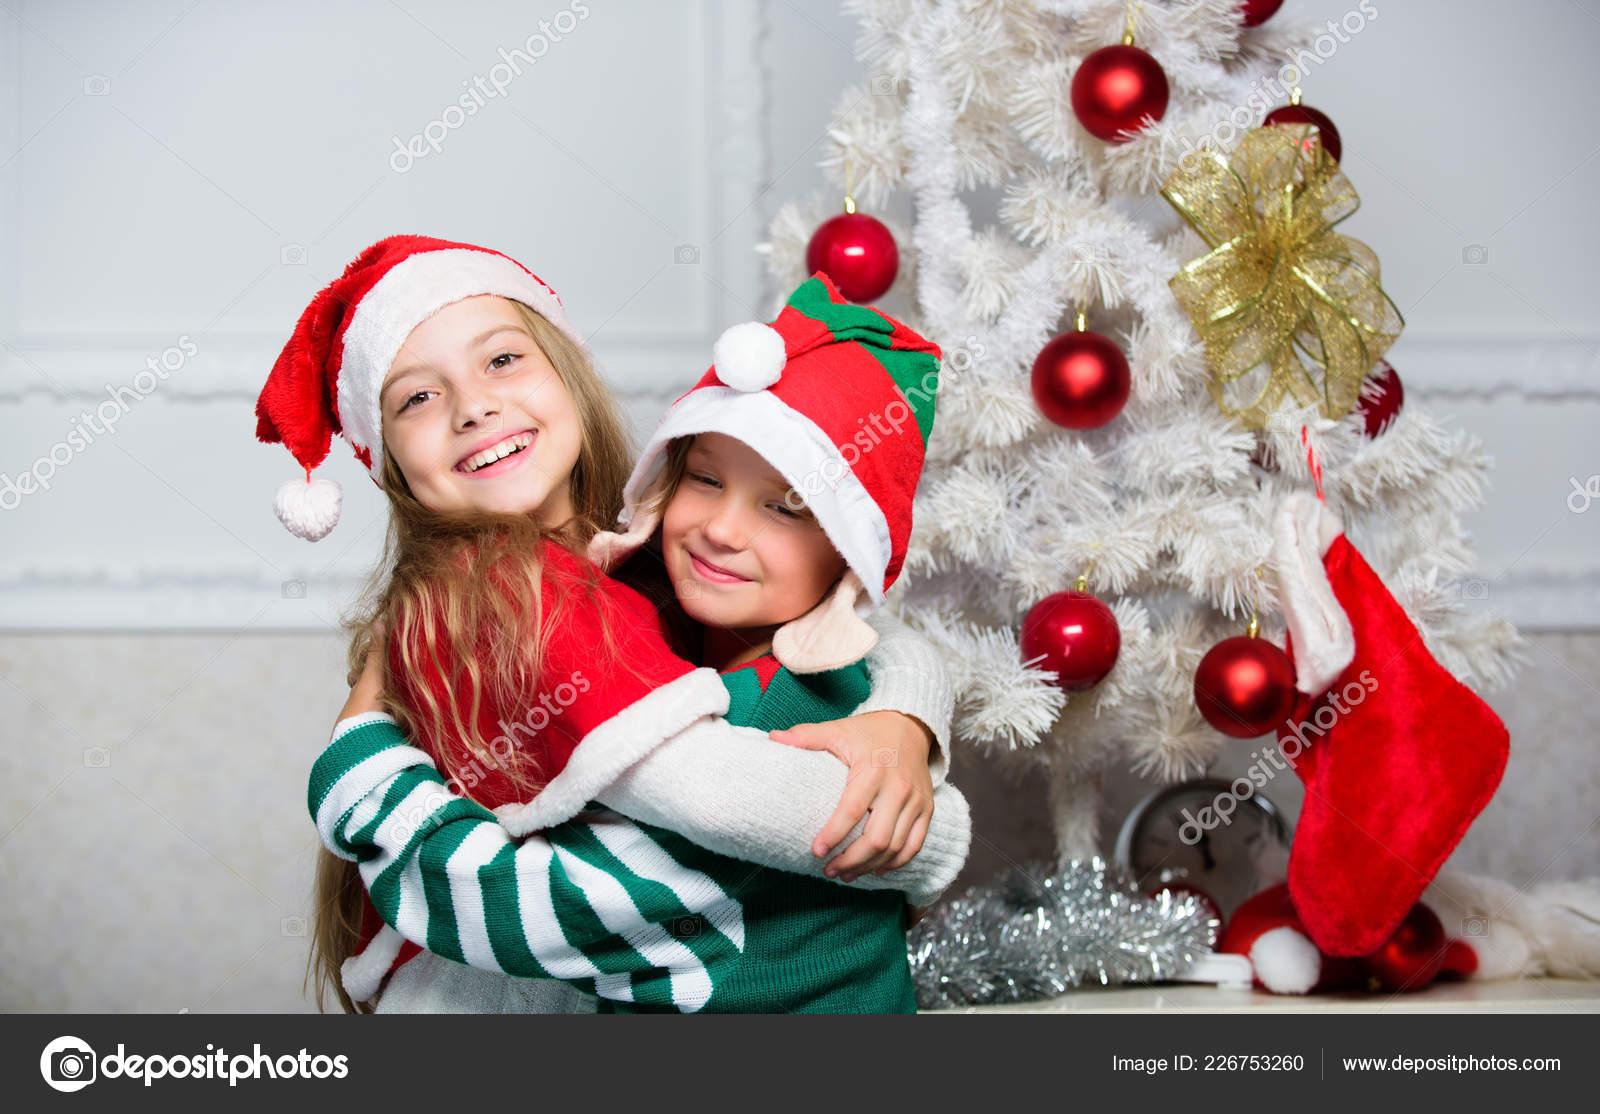 Weihnachten Tradition frohe weihnachten. urlaub mit der familie tradition. kinder fröhlich